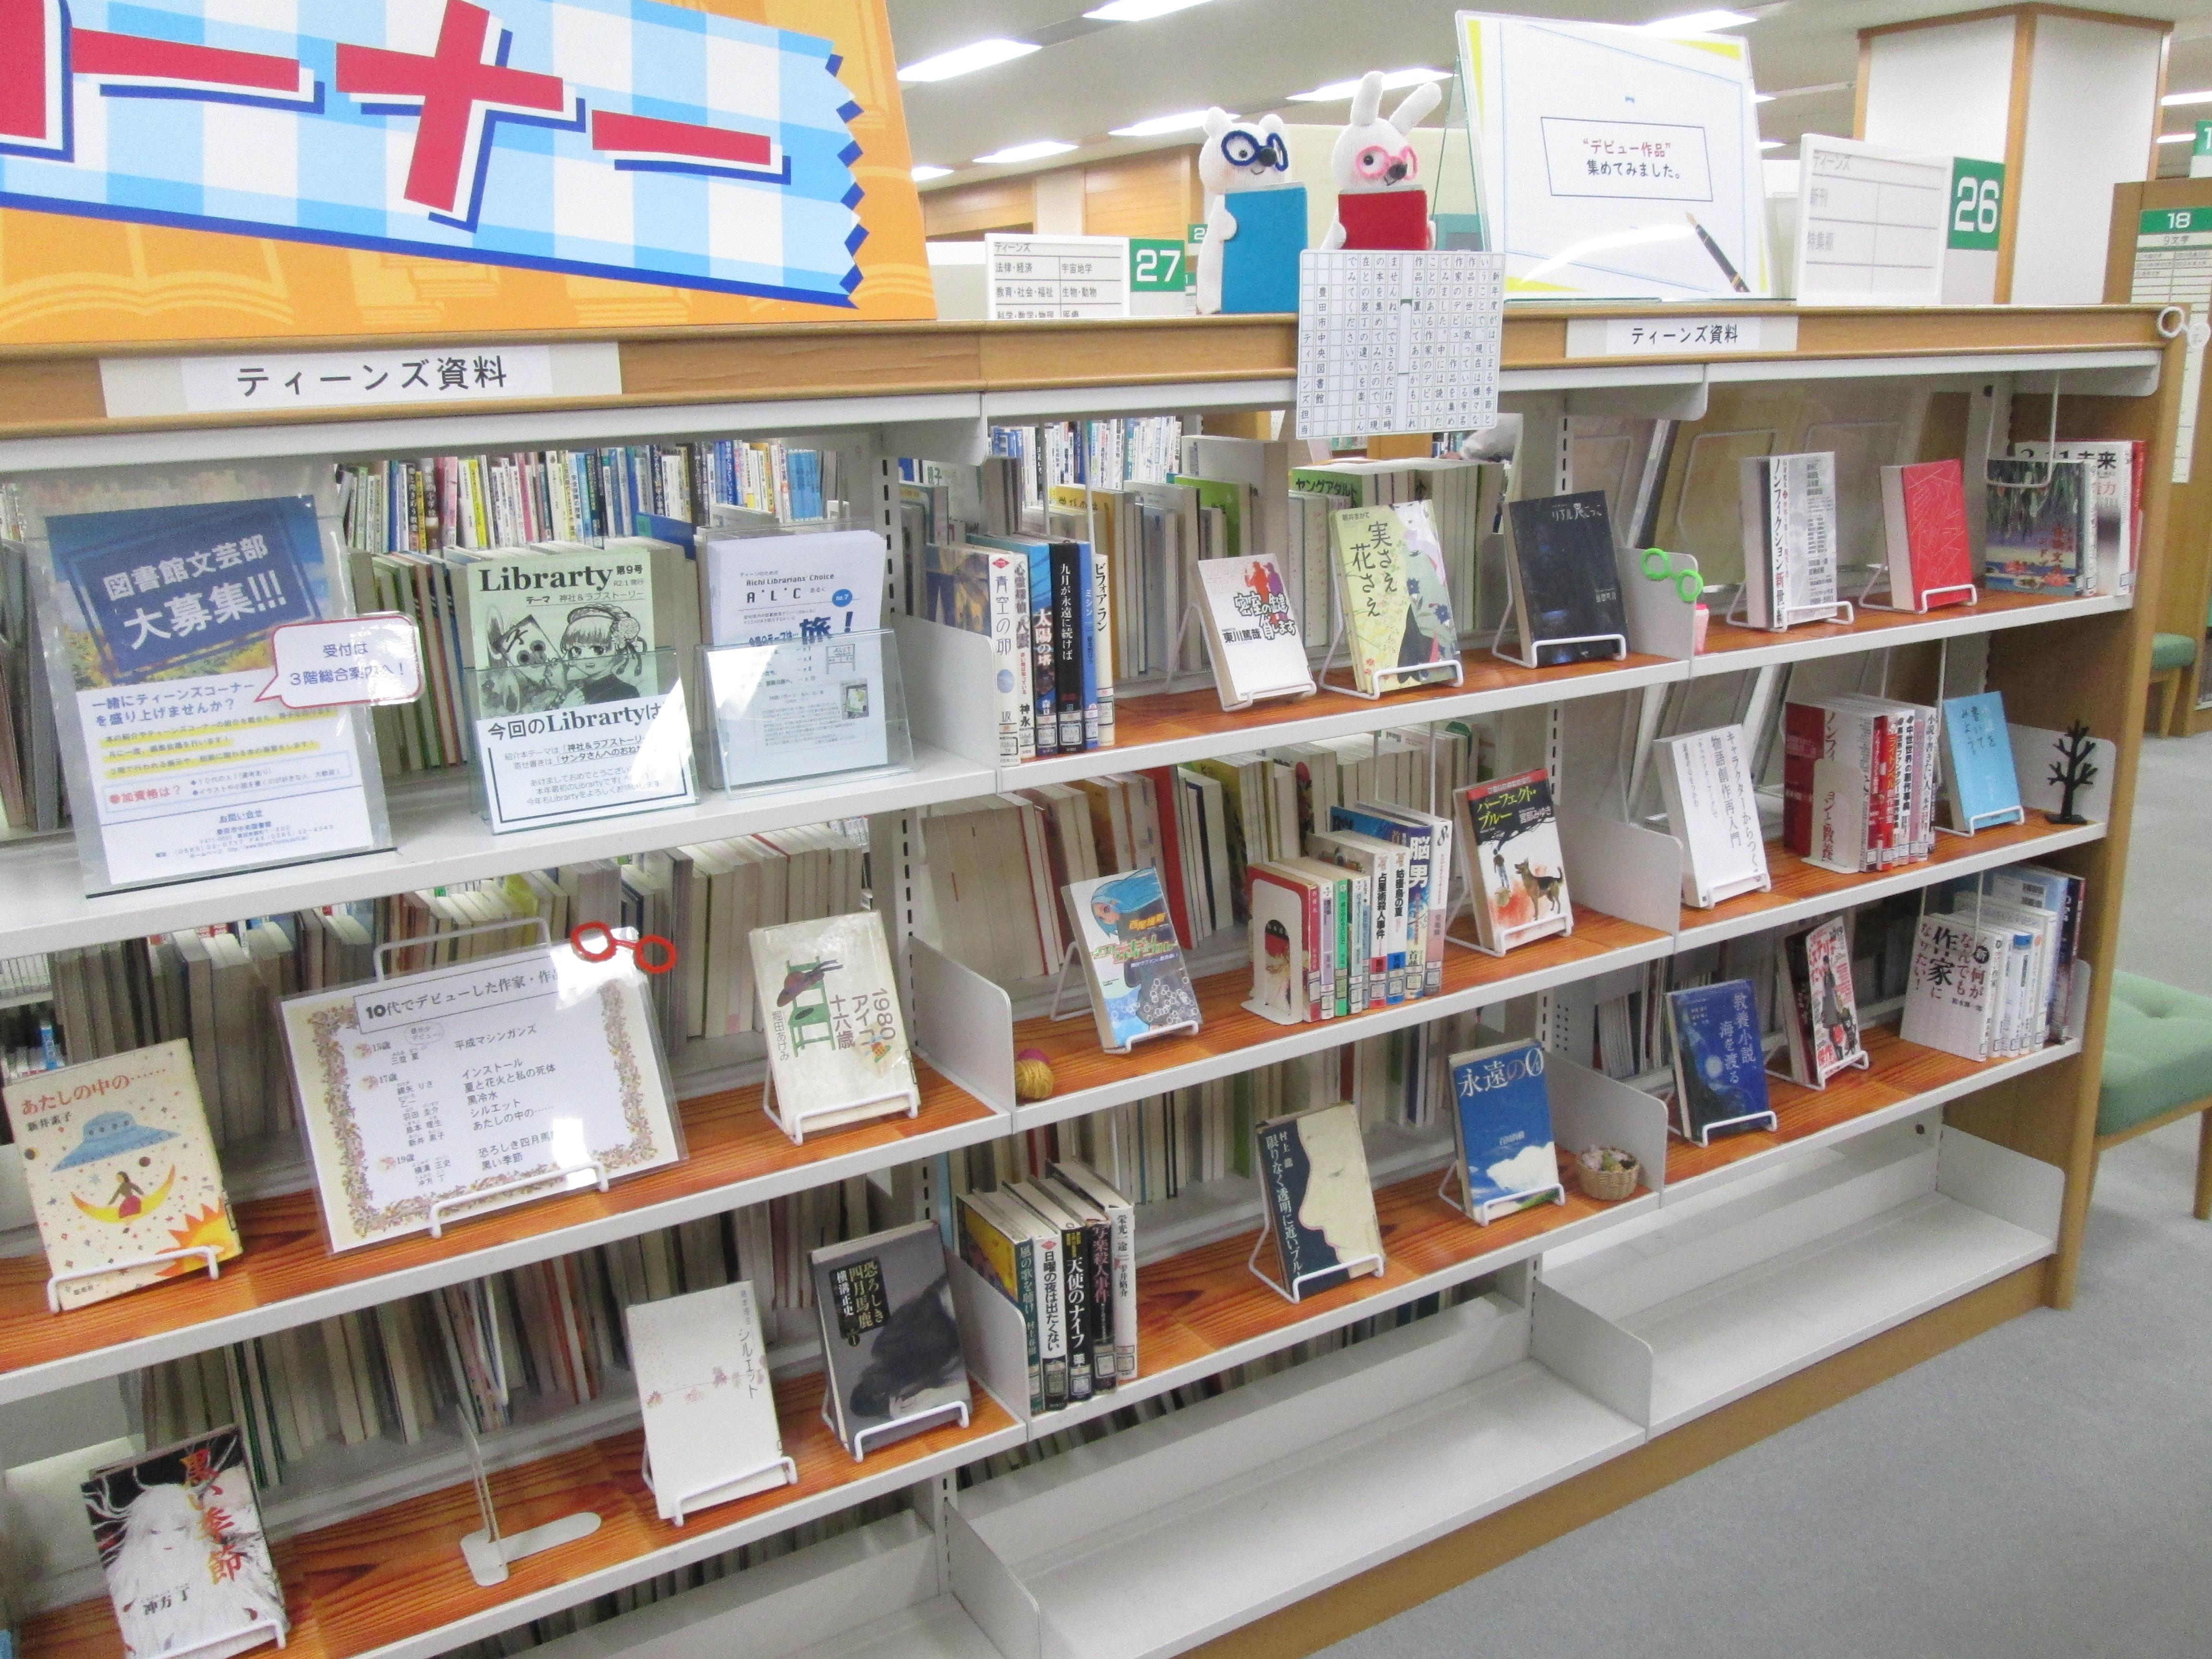 豊田 市 中央 図書館 トップ| 豊田市中央図書館ふるさとアーカイブ